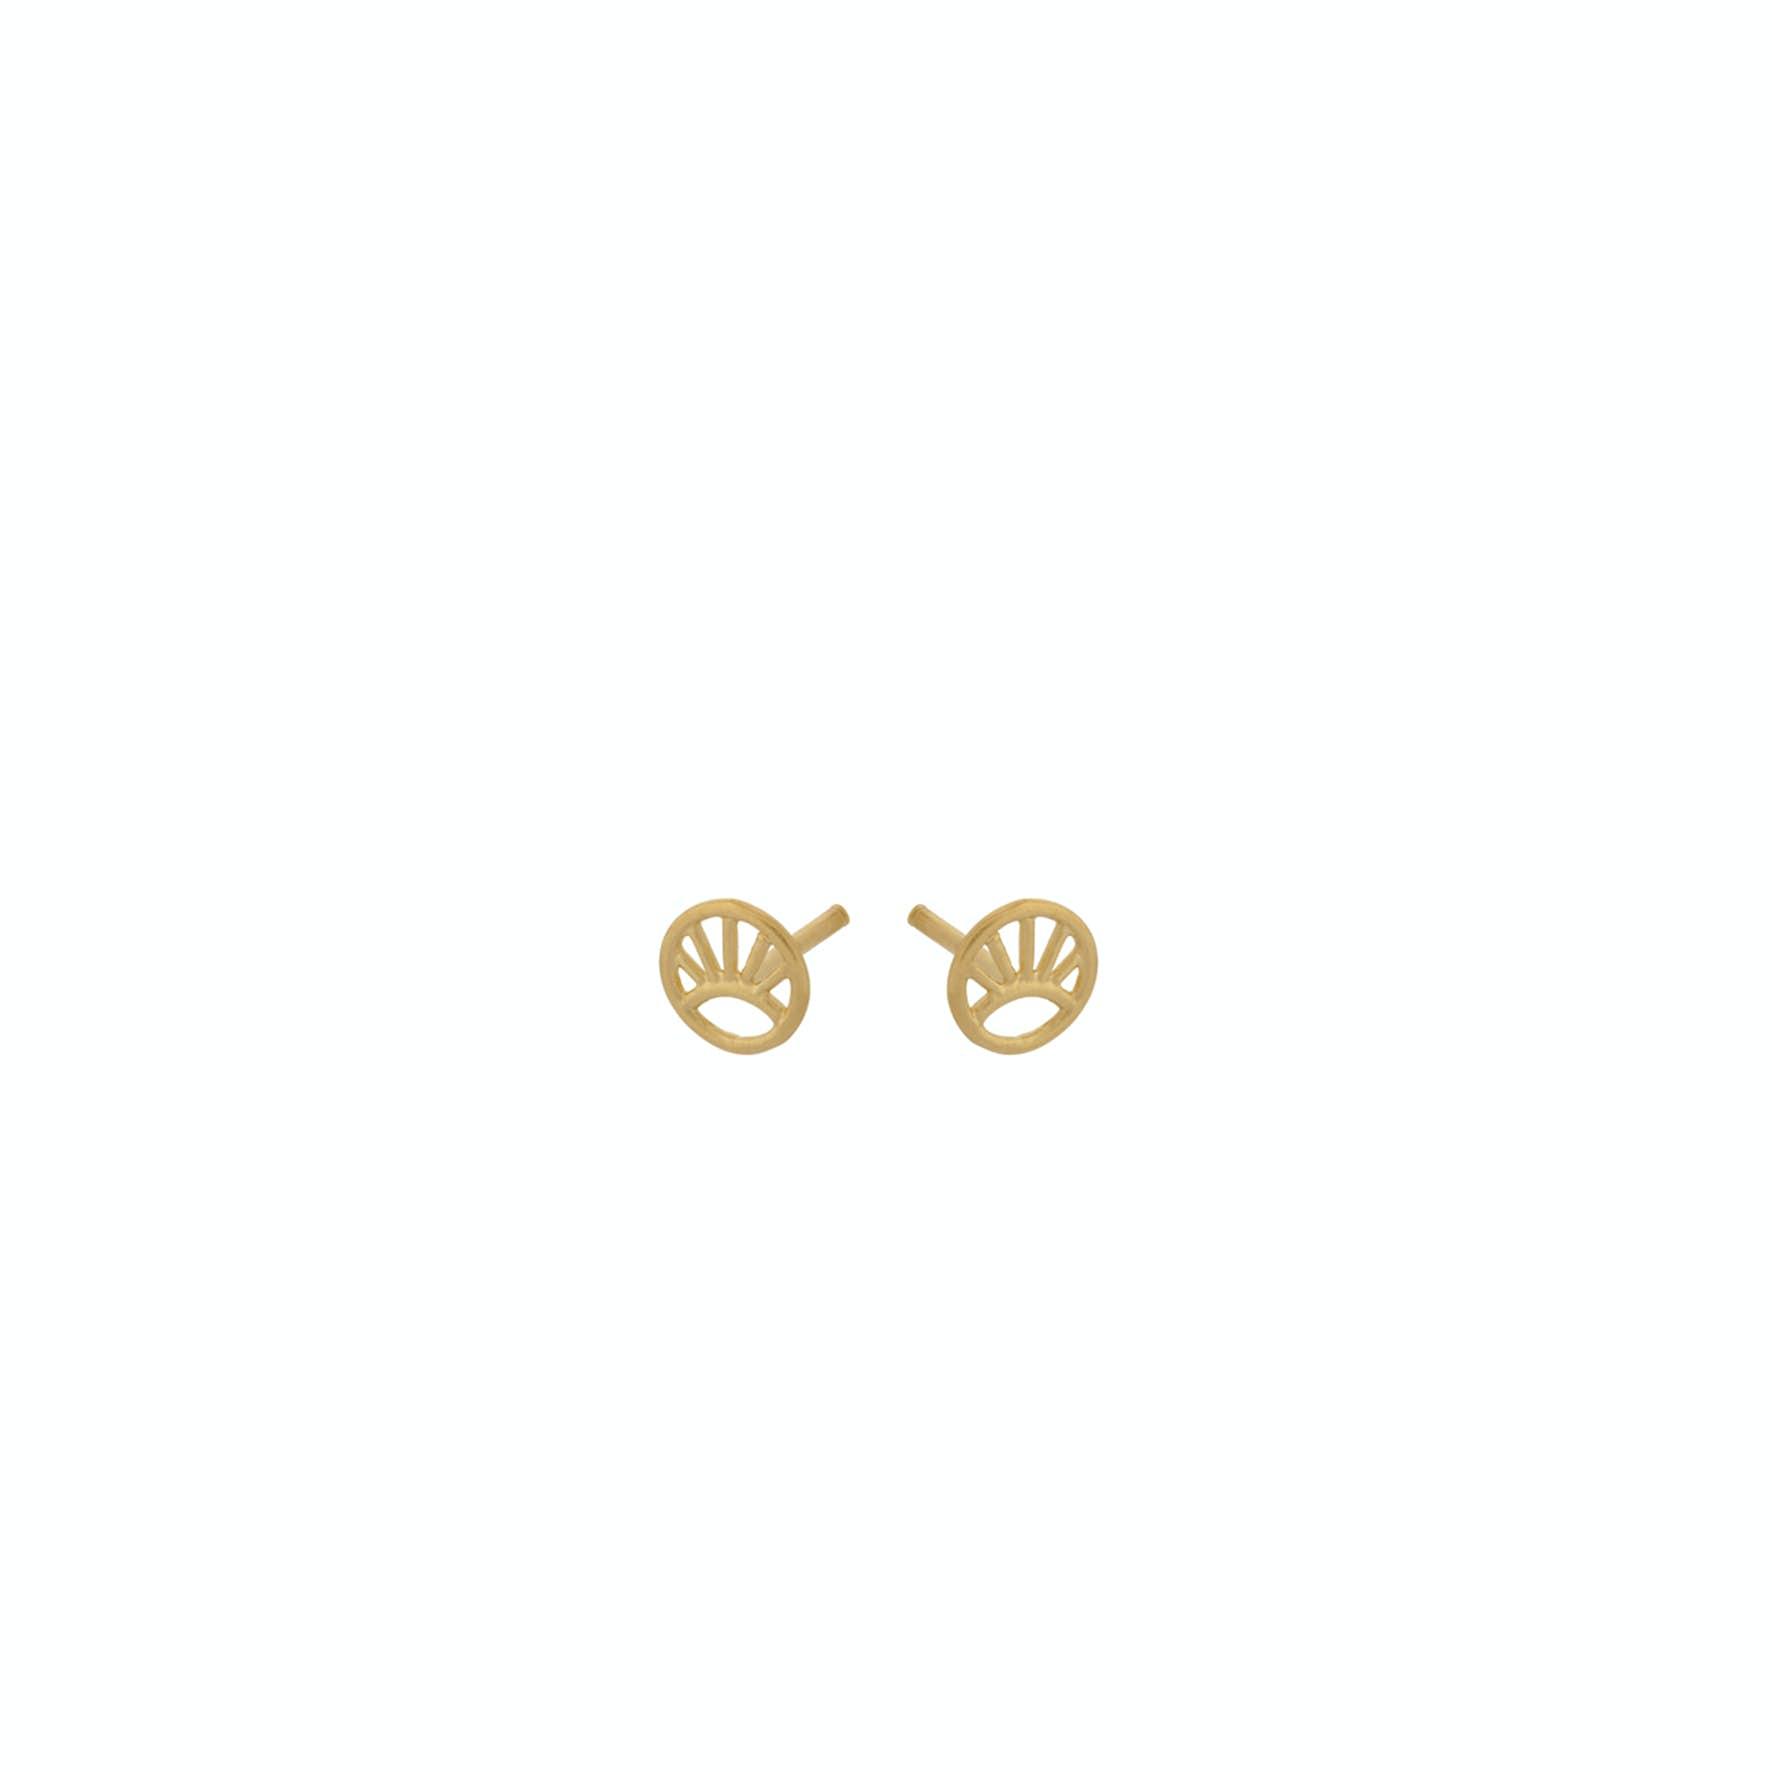 Mini Daylight Earsticks fra Pernille Corydon i Forgylt-Sølv Sterling 925